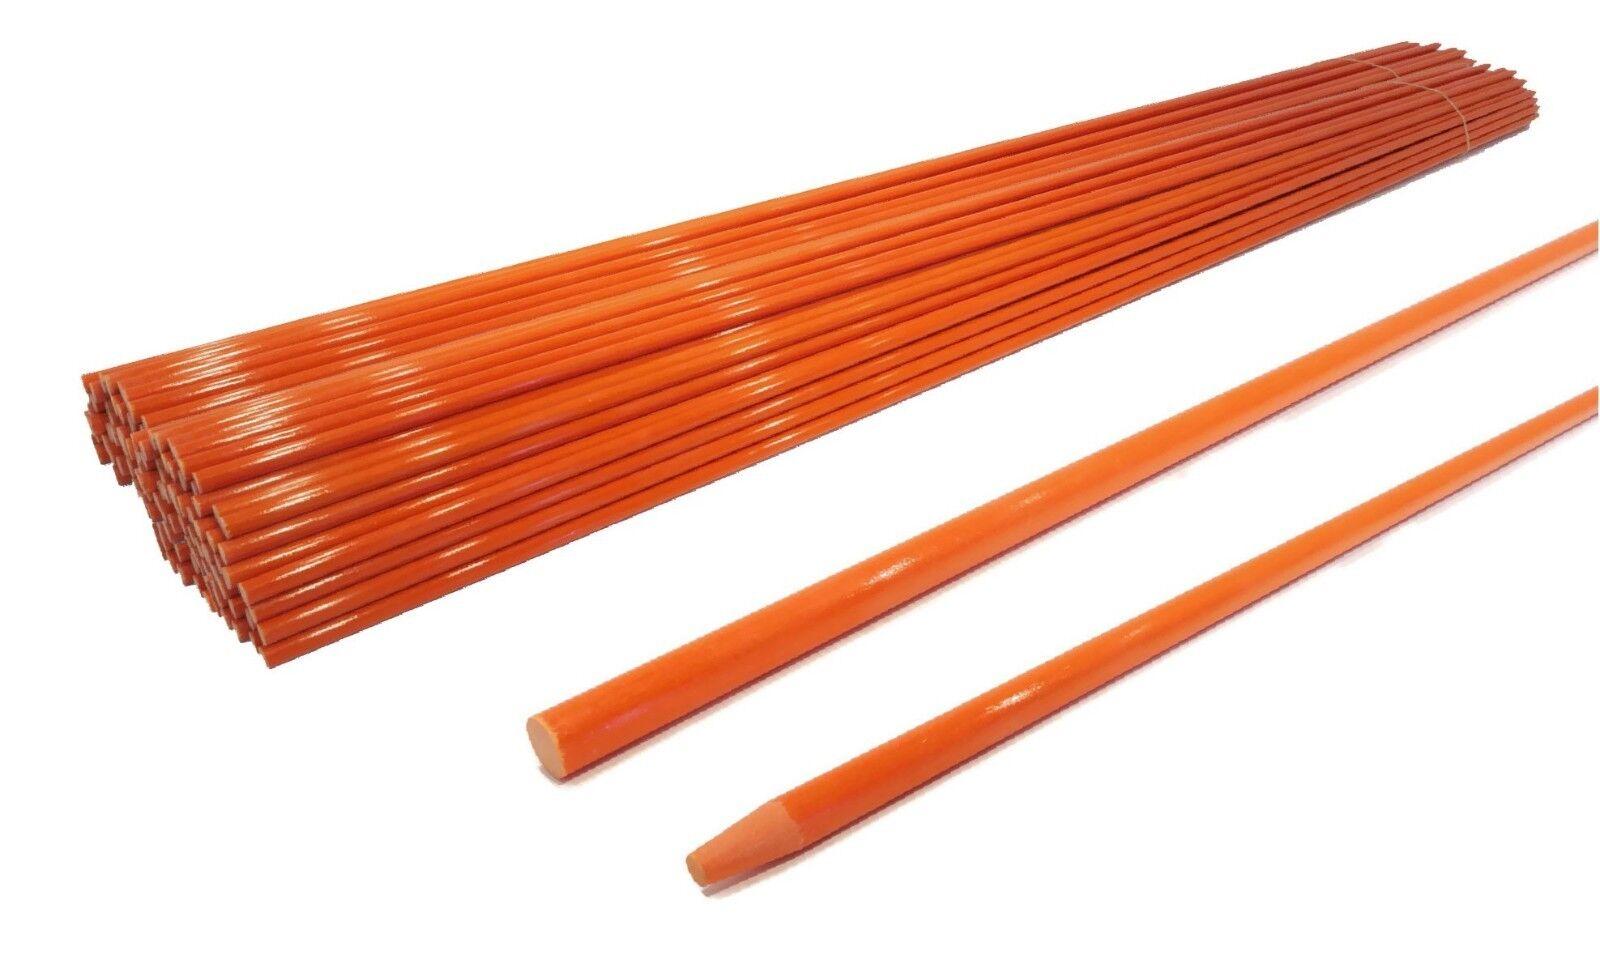 Paquete De 200 marcadores de entrada 48 Pulgadas, 5 16 pulgadas, resistente, flexible, visible